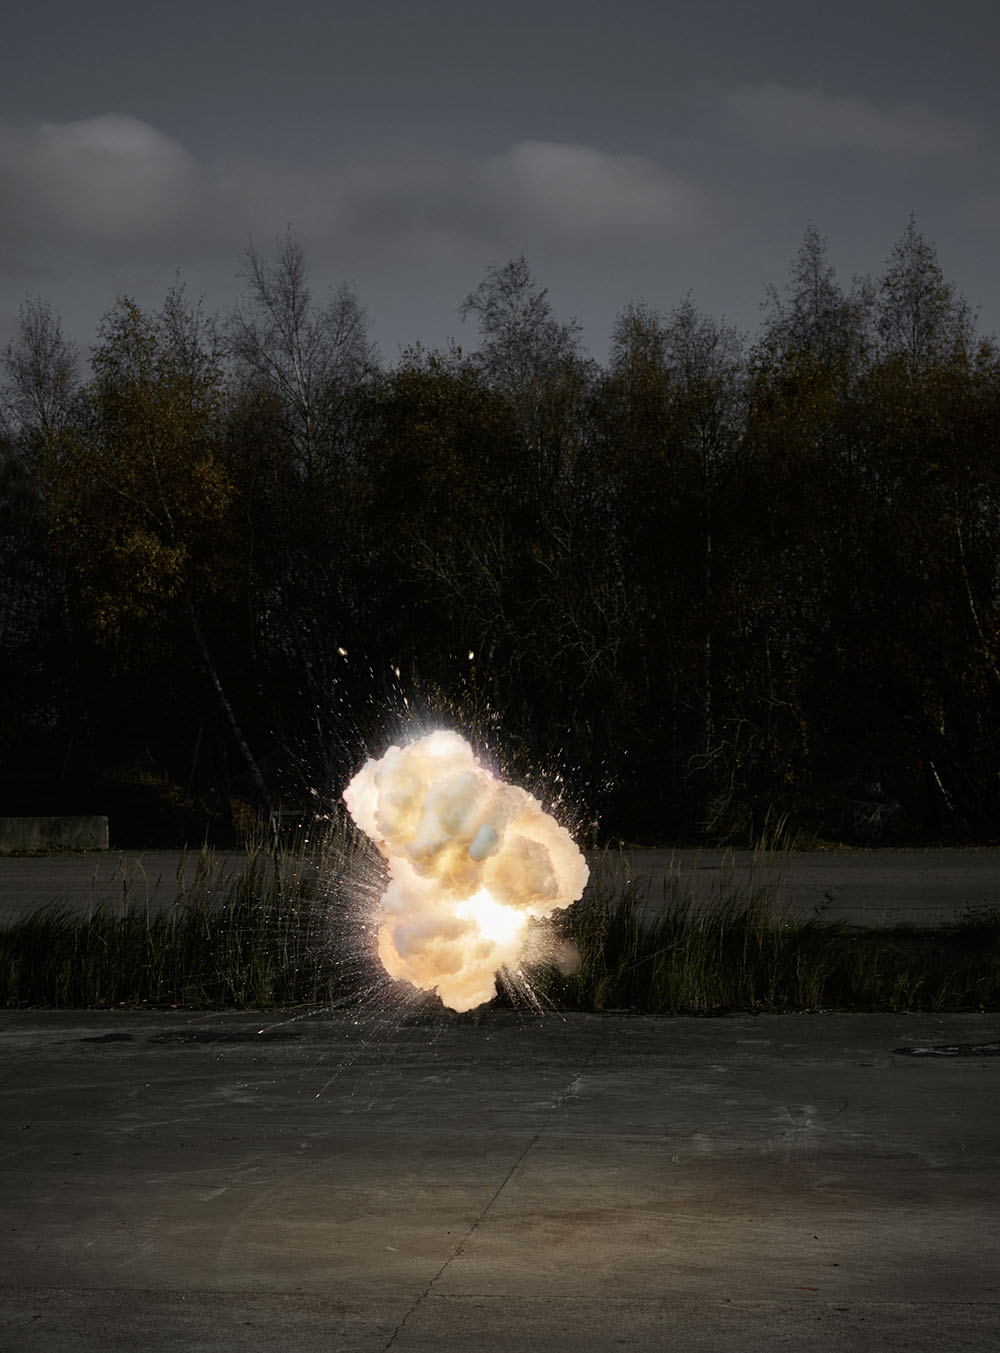 Cloud-Like Explosions Photographed in Midair by Ken Hermann